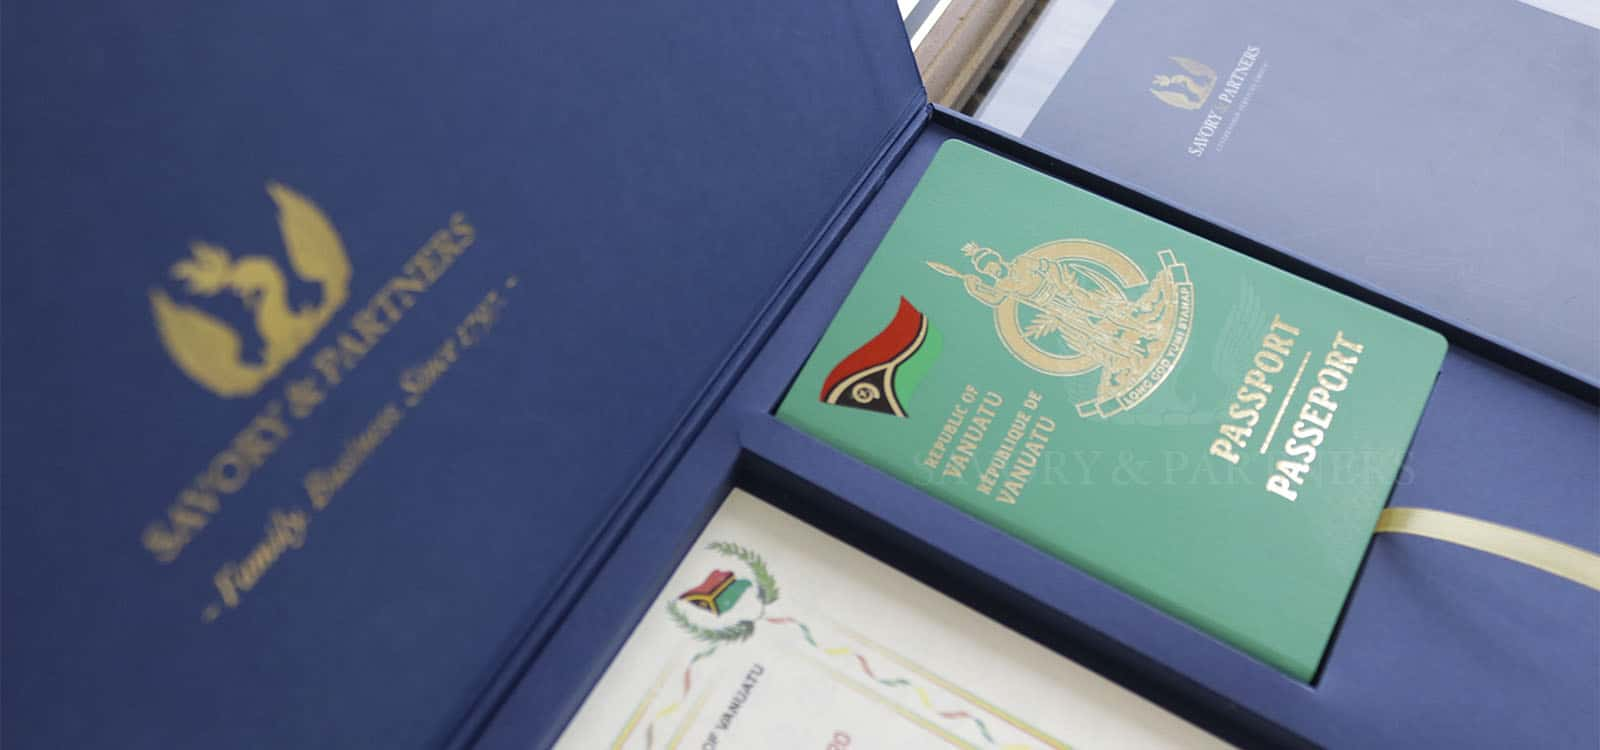 Passport granted through Vanuatu citizenship by investment program